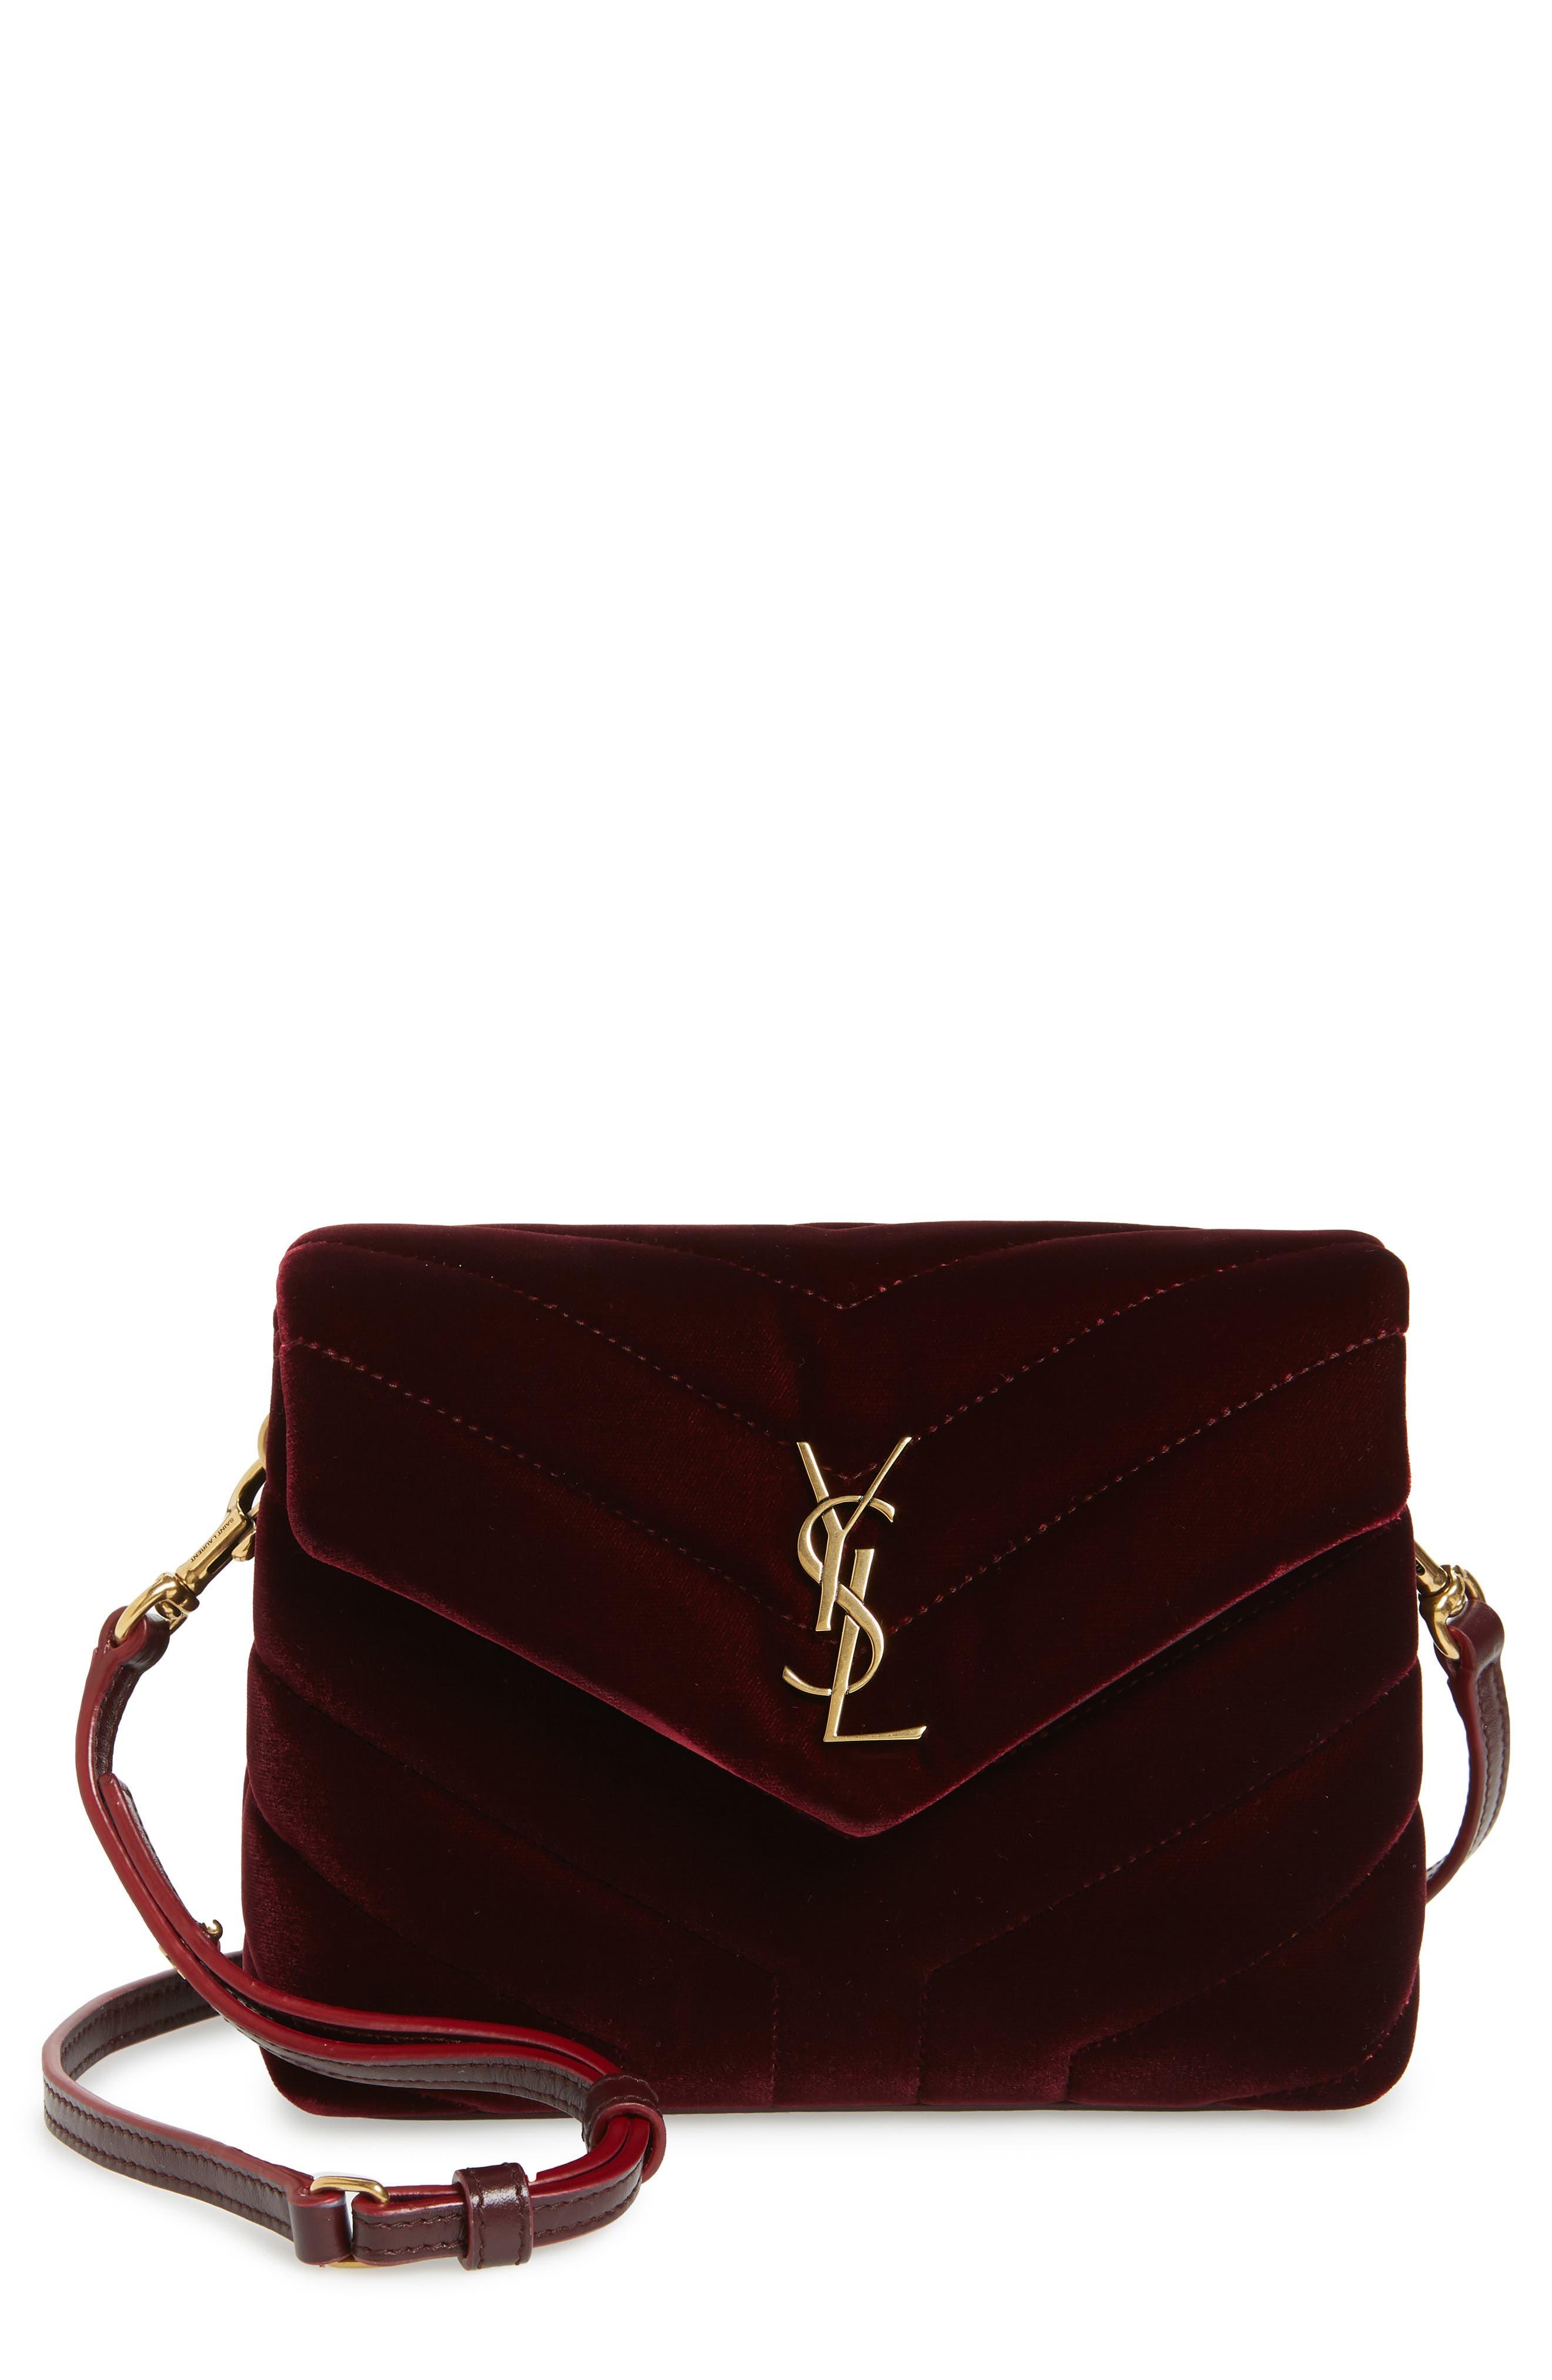 SAINT LAURENT Toy Loulou Velvet Crossbody Bag, Main, color, 930